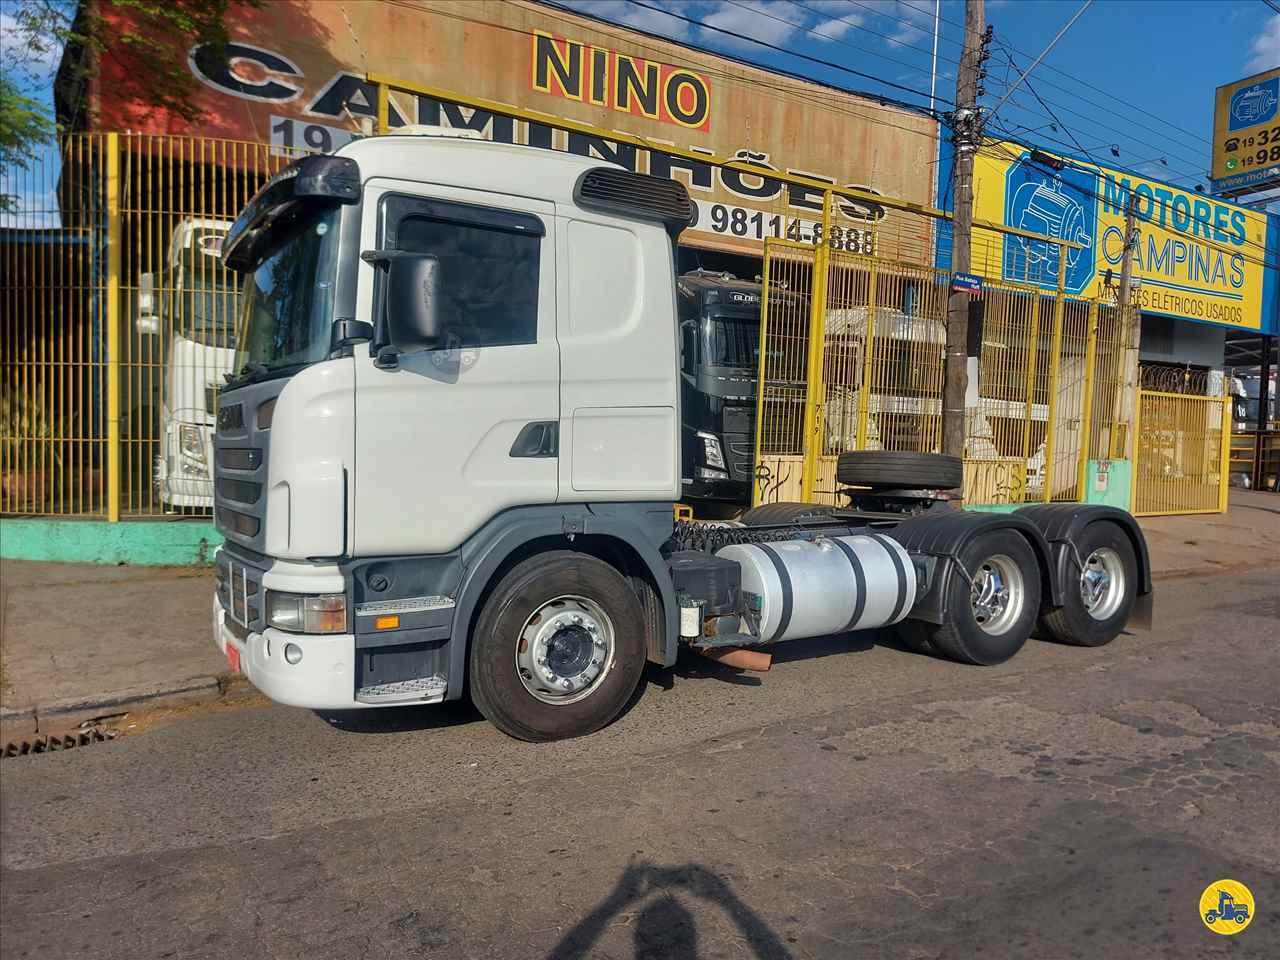 CAMINHAO SCANIA SCANIA 420 Cavalo Mecânico Truck 6x2 Nino Caminhões CAMPINAS SÃO PAULO SP